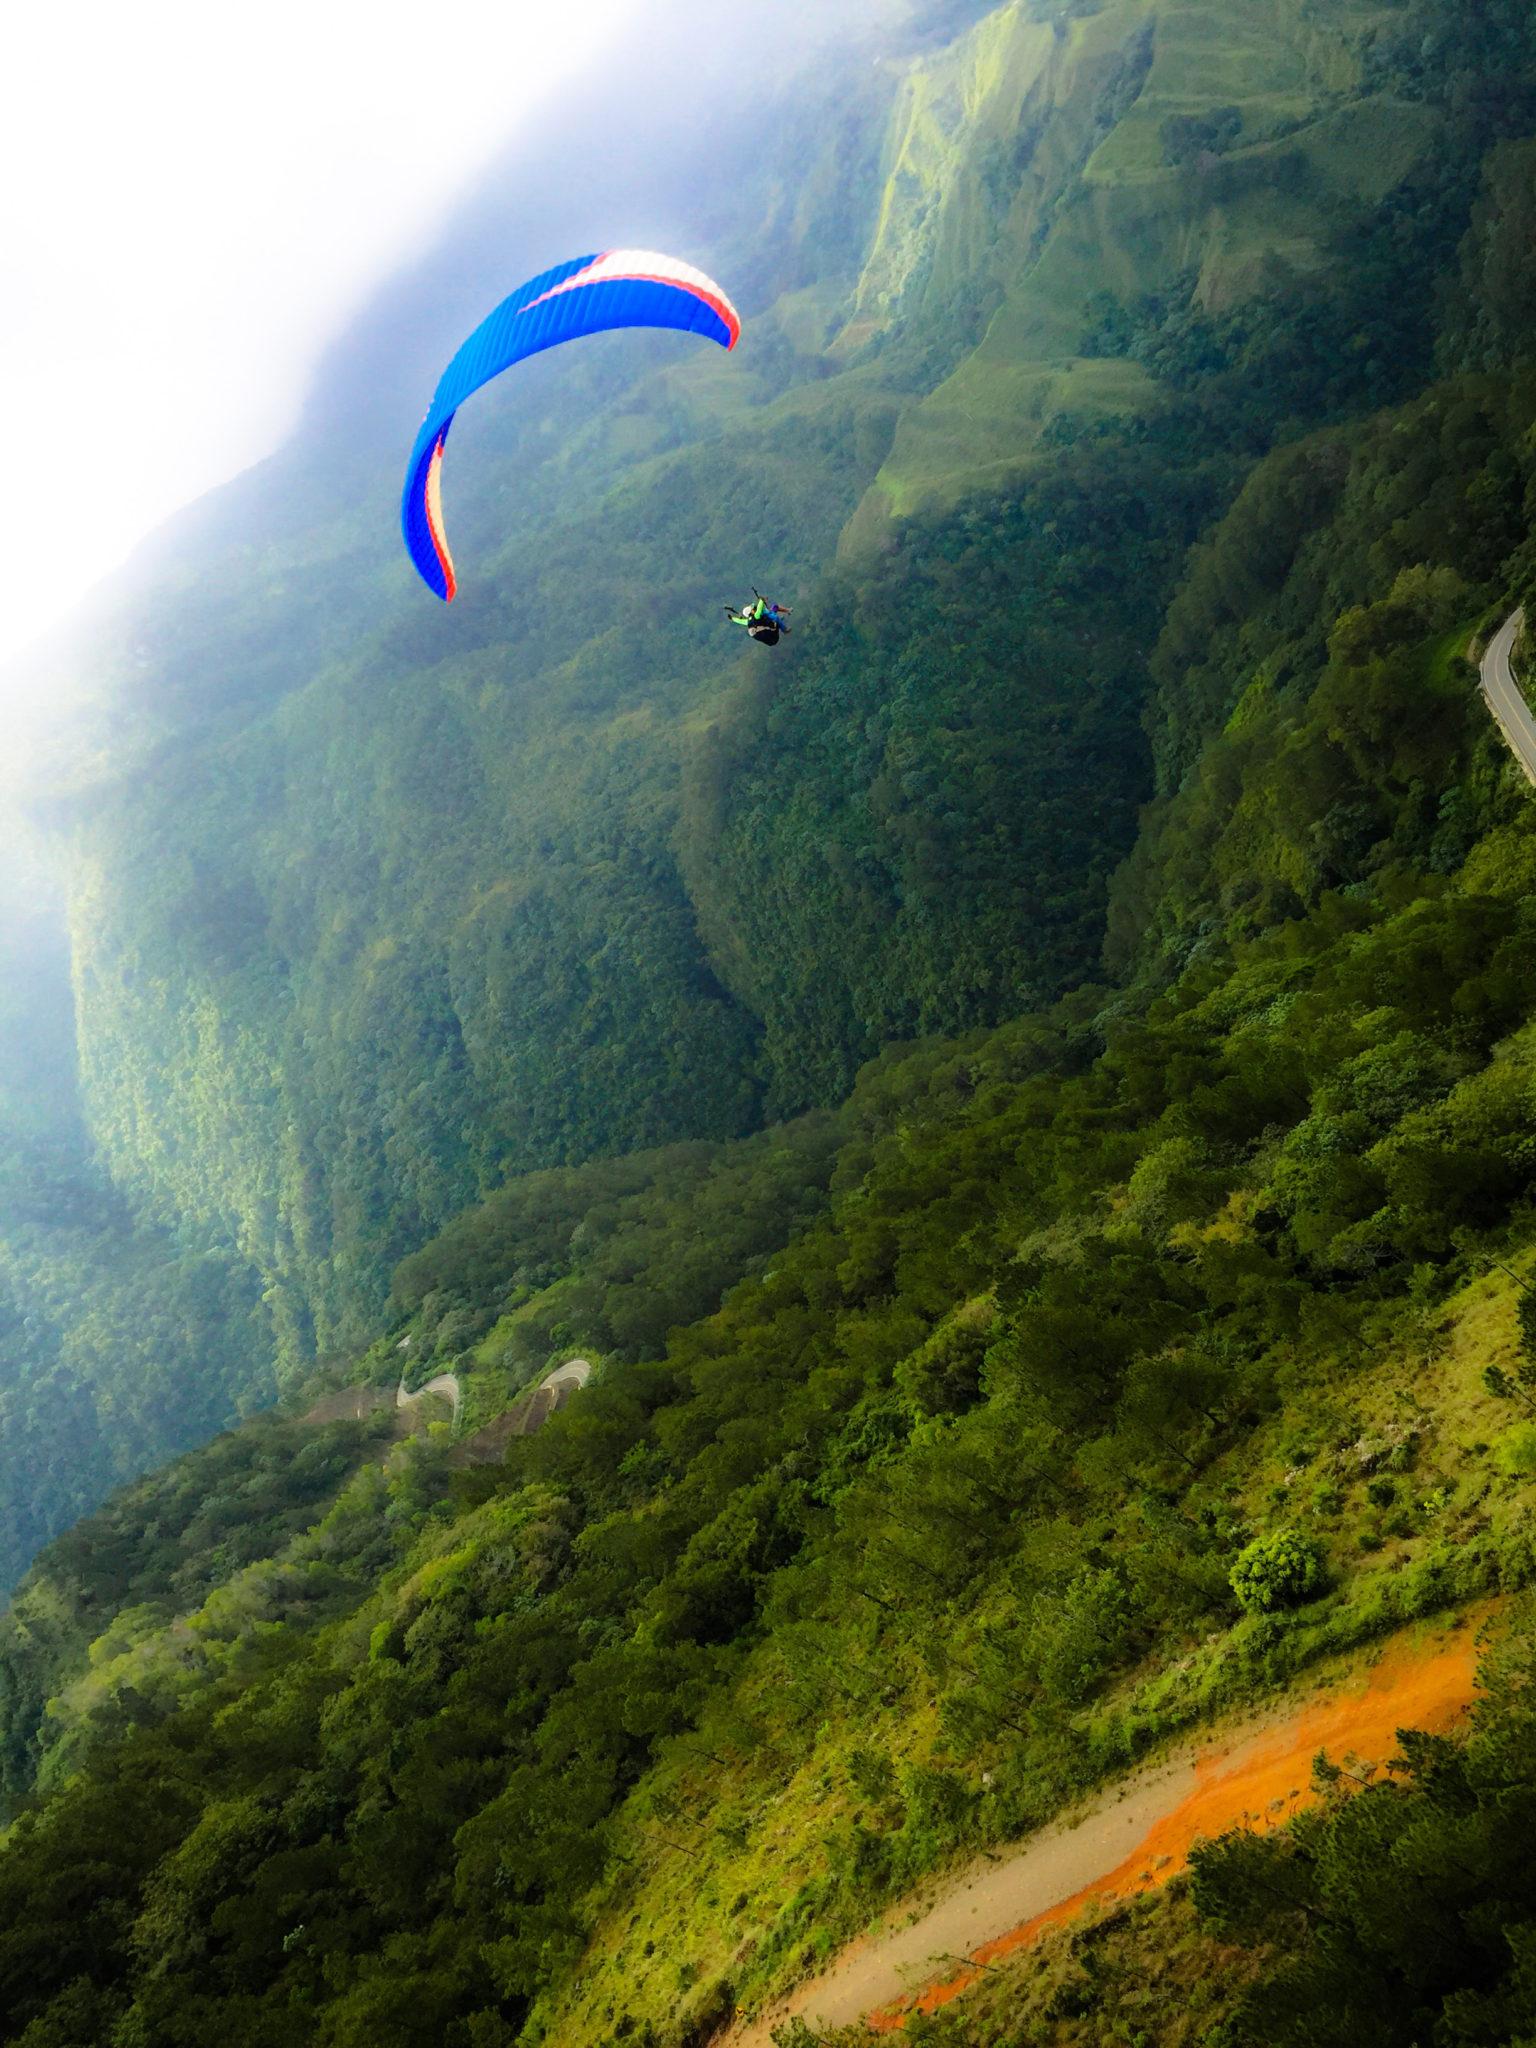 Hema_pose_ses_valises_parapente_roadtrip_republique_dominicaine_paragliding